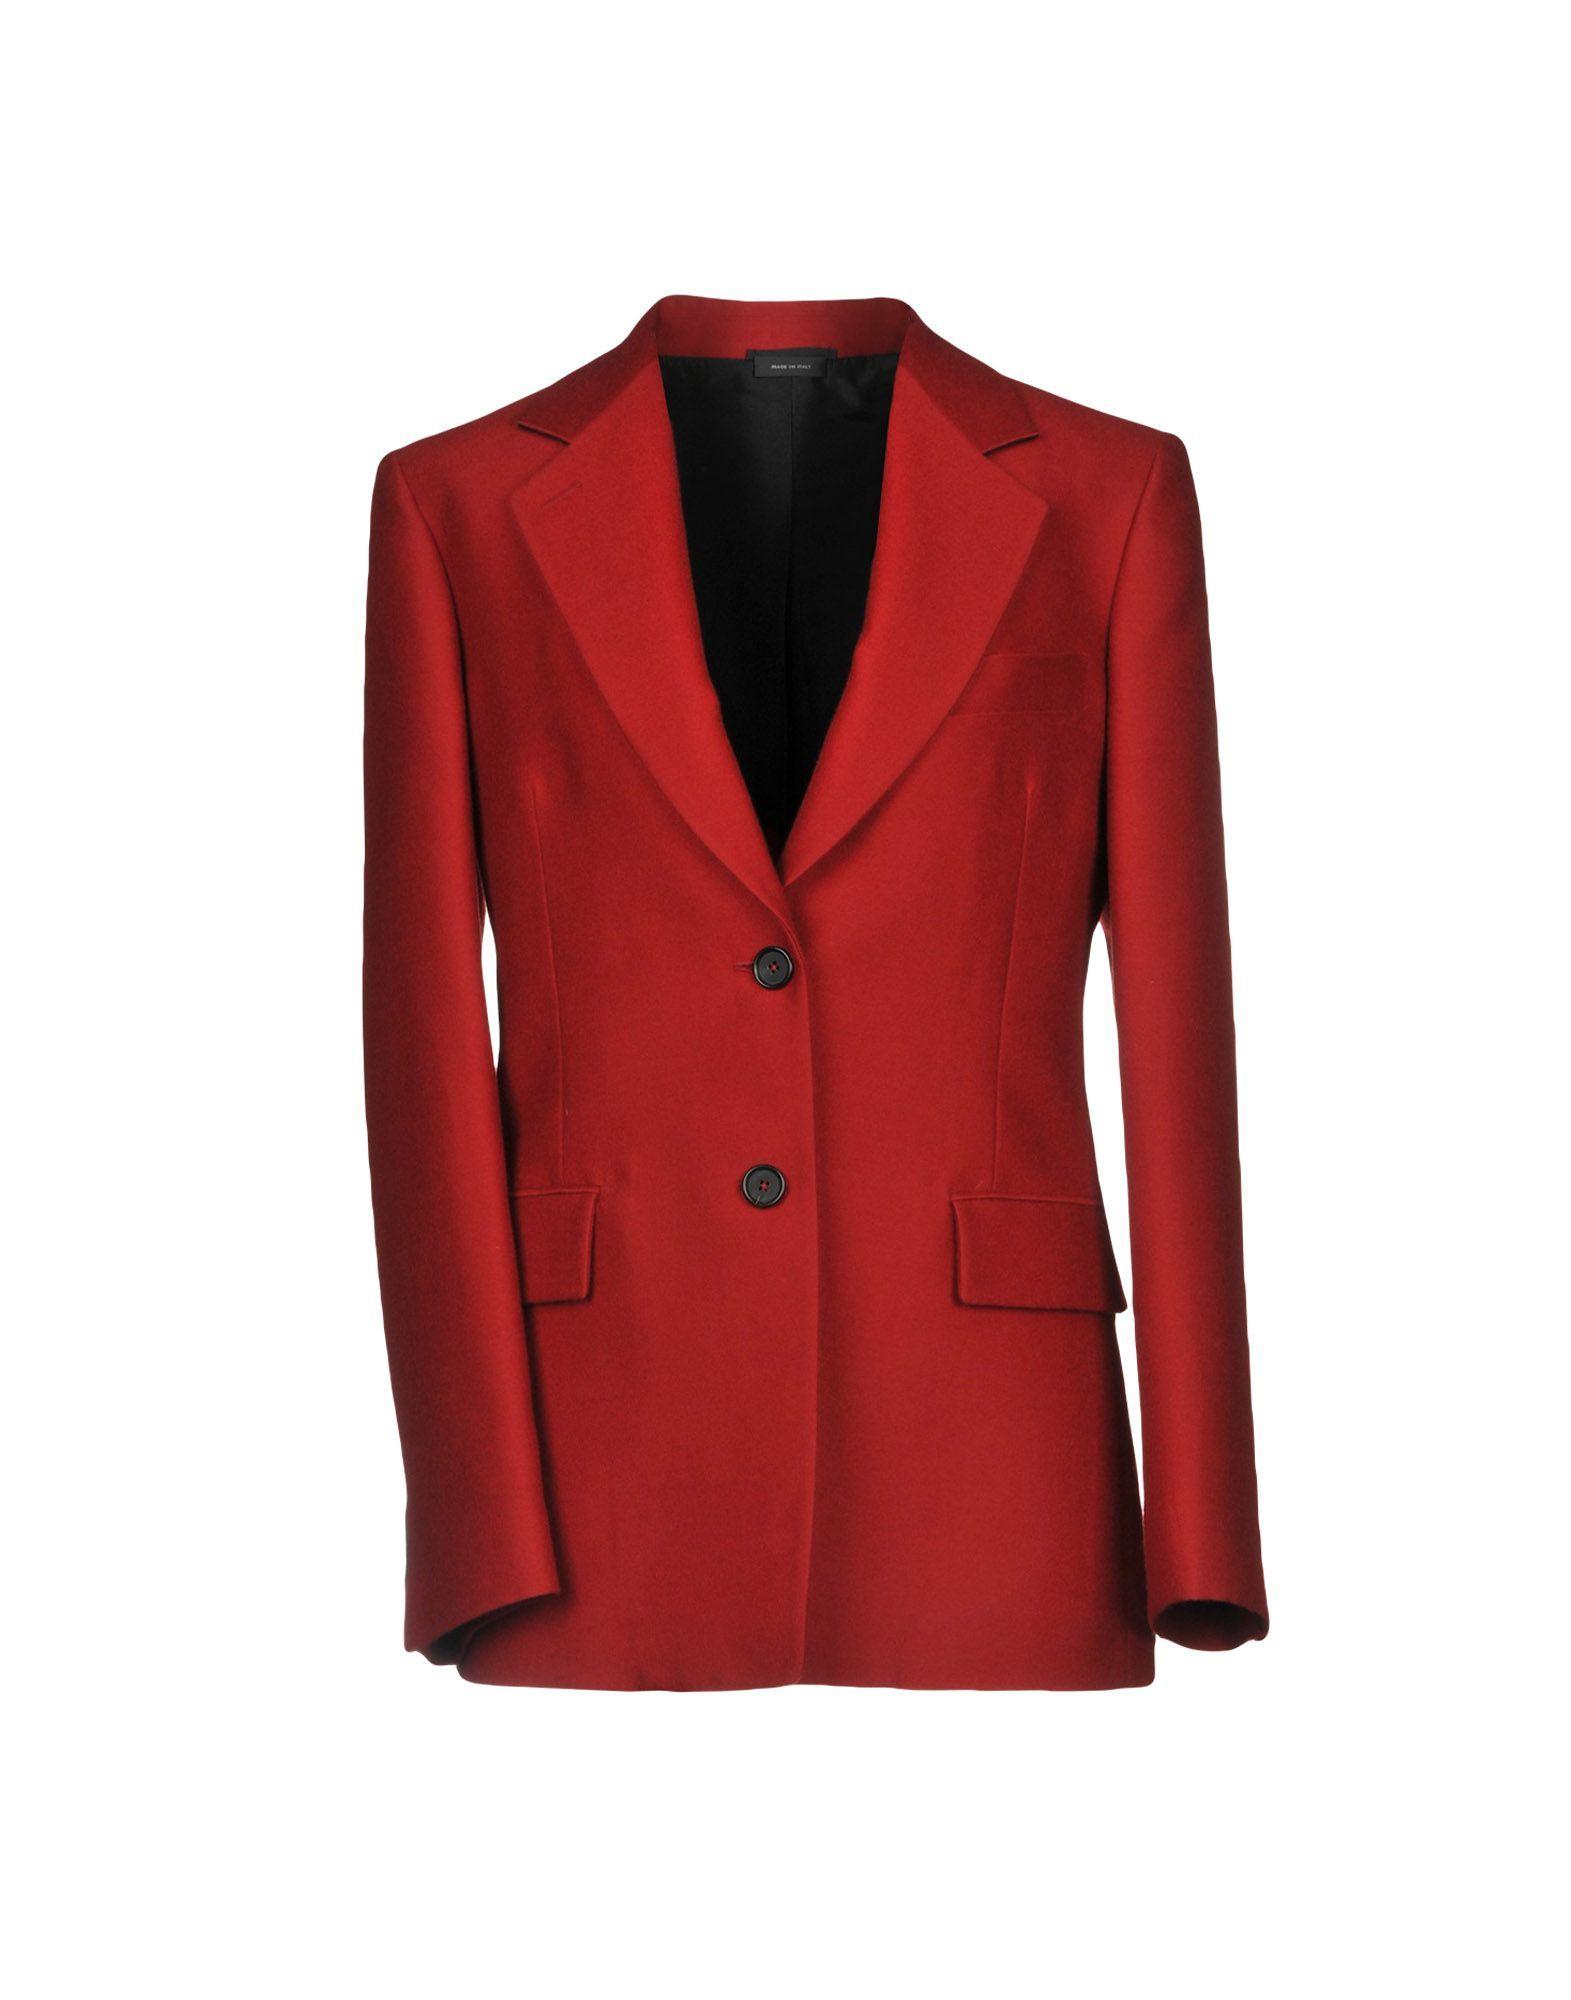 Jil Sander Red Virgin Wool Single Breasted Blazer